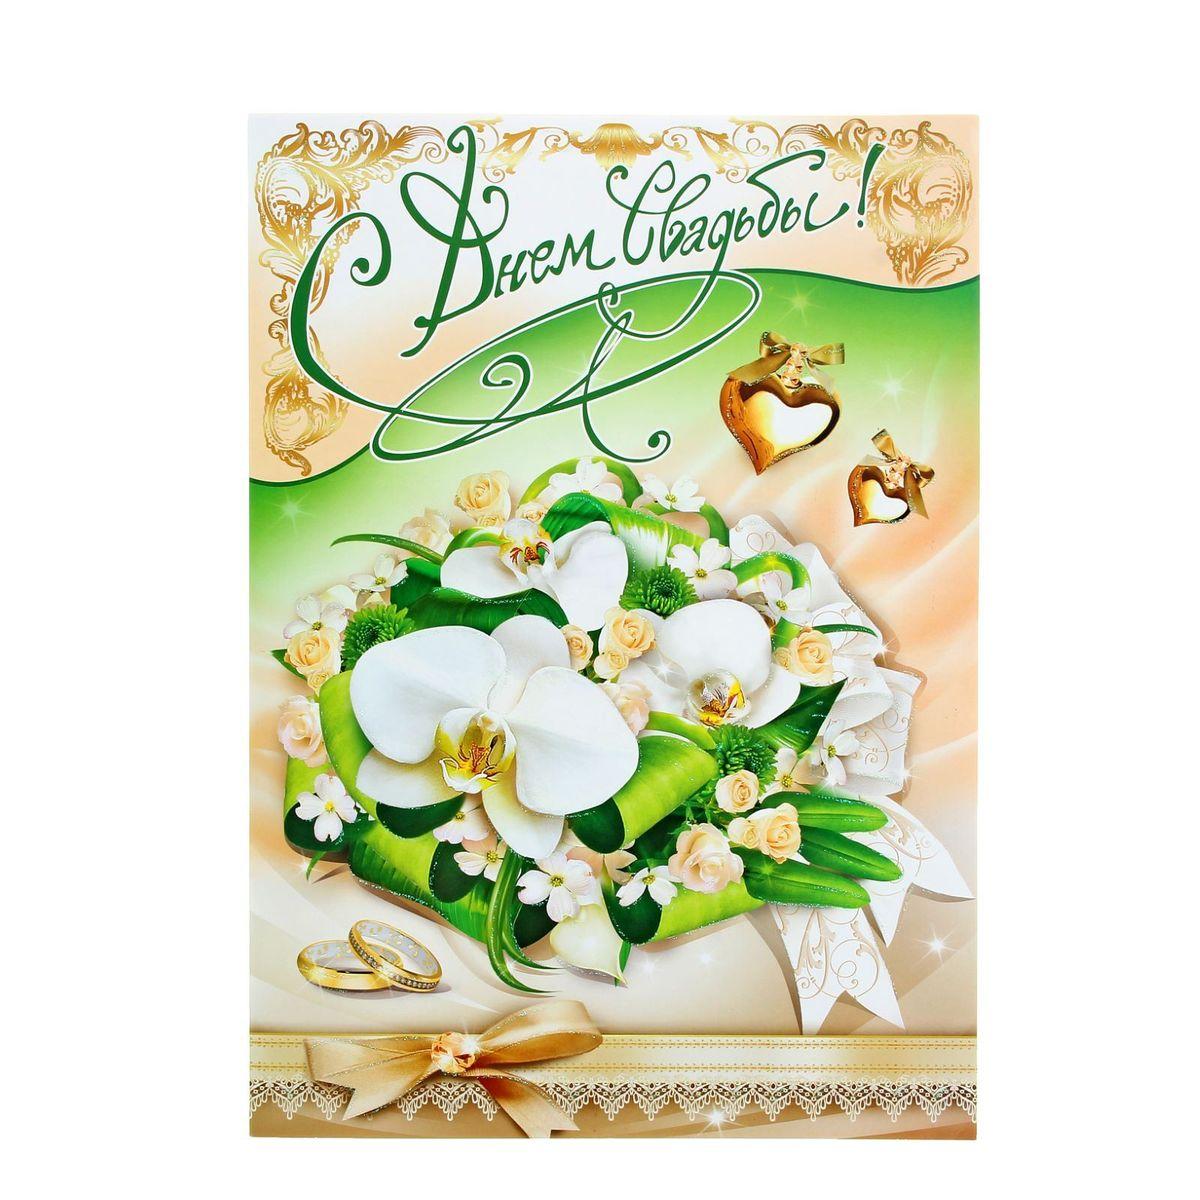 Открытка объемная Эдельвейс С днем Свадьбы! Орхидеи, кольцаБрелок для ключейЕсли вы хотите порадовать себя или близких, создать праздничное настроение и с улыбкой провести памятный день, то вы, несомненно, сделали правильный выбор! Объемная открытка Эдельвейс С днем Свадьбы! Орхидеи, кольца отличается не только оригинальным дизайном, но и высоким качеством.